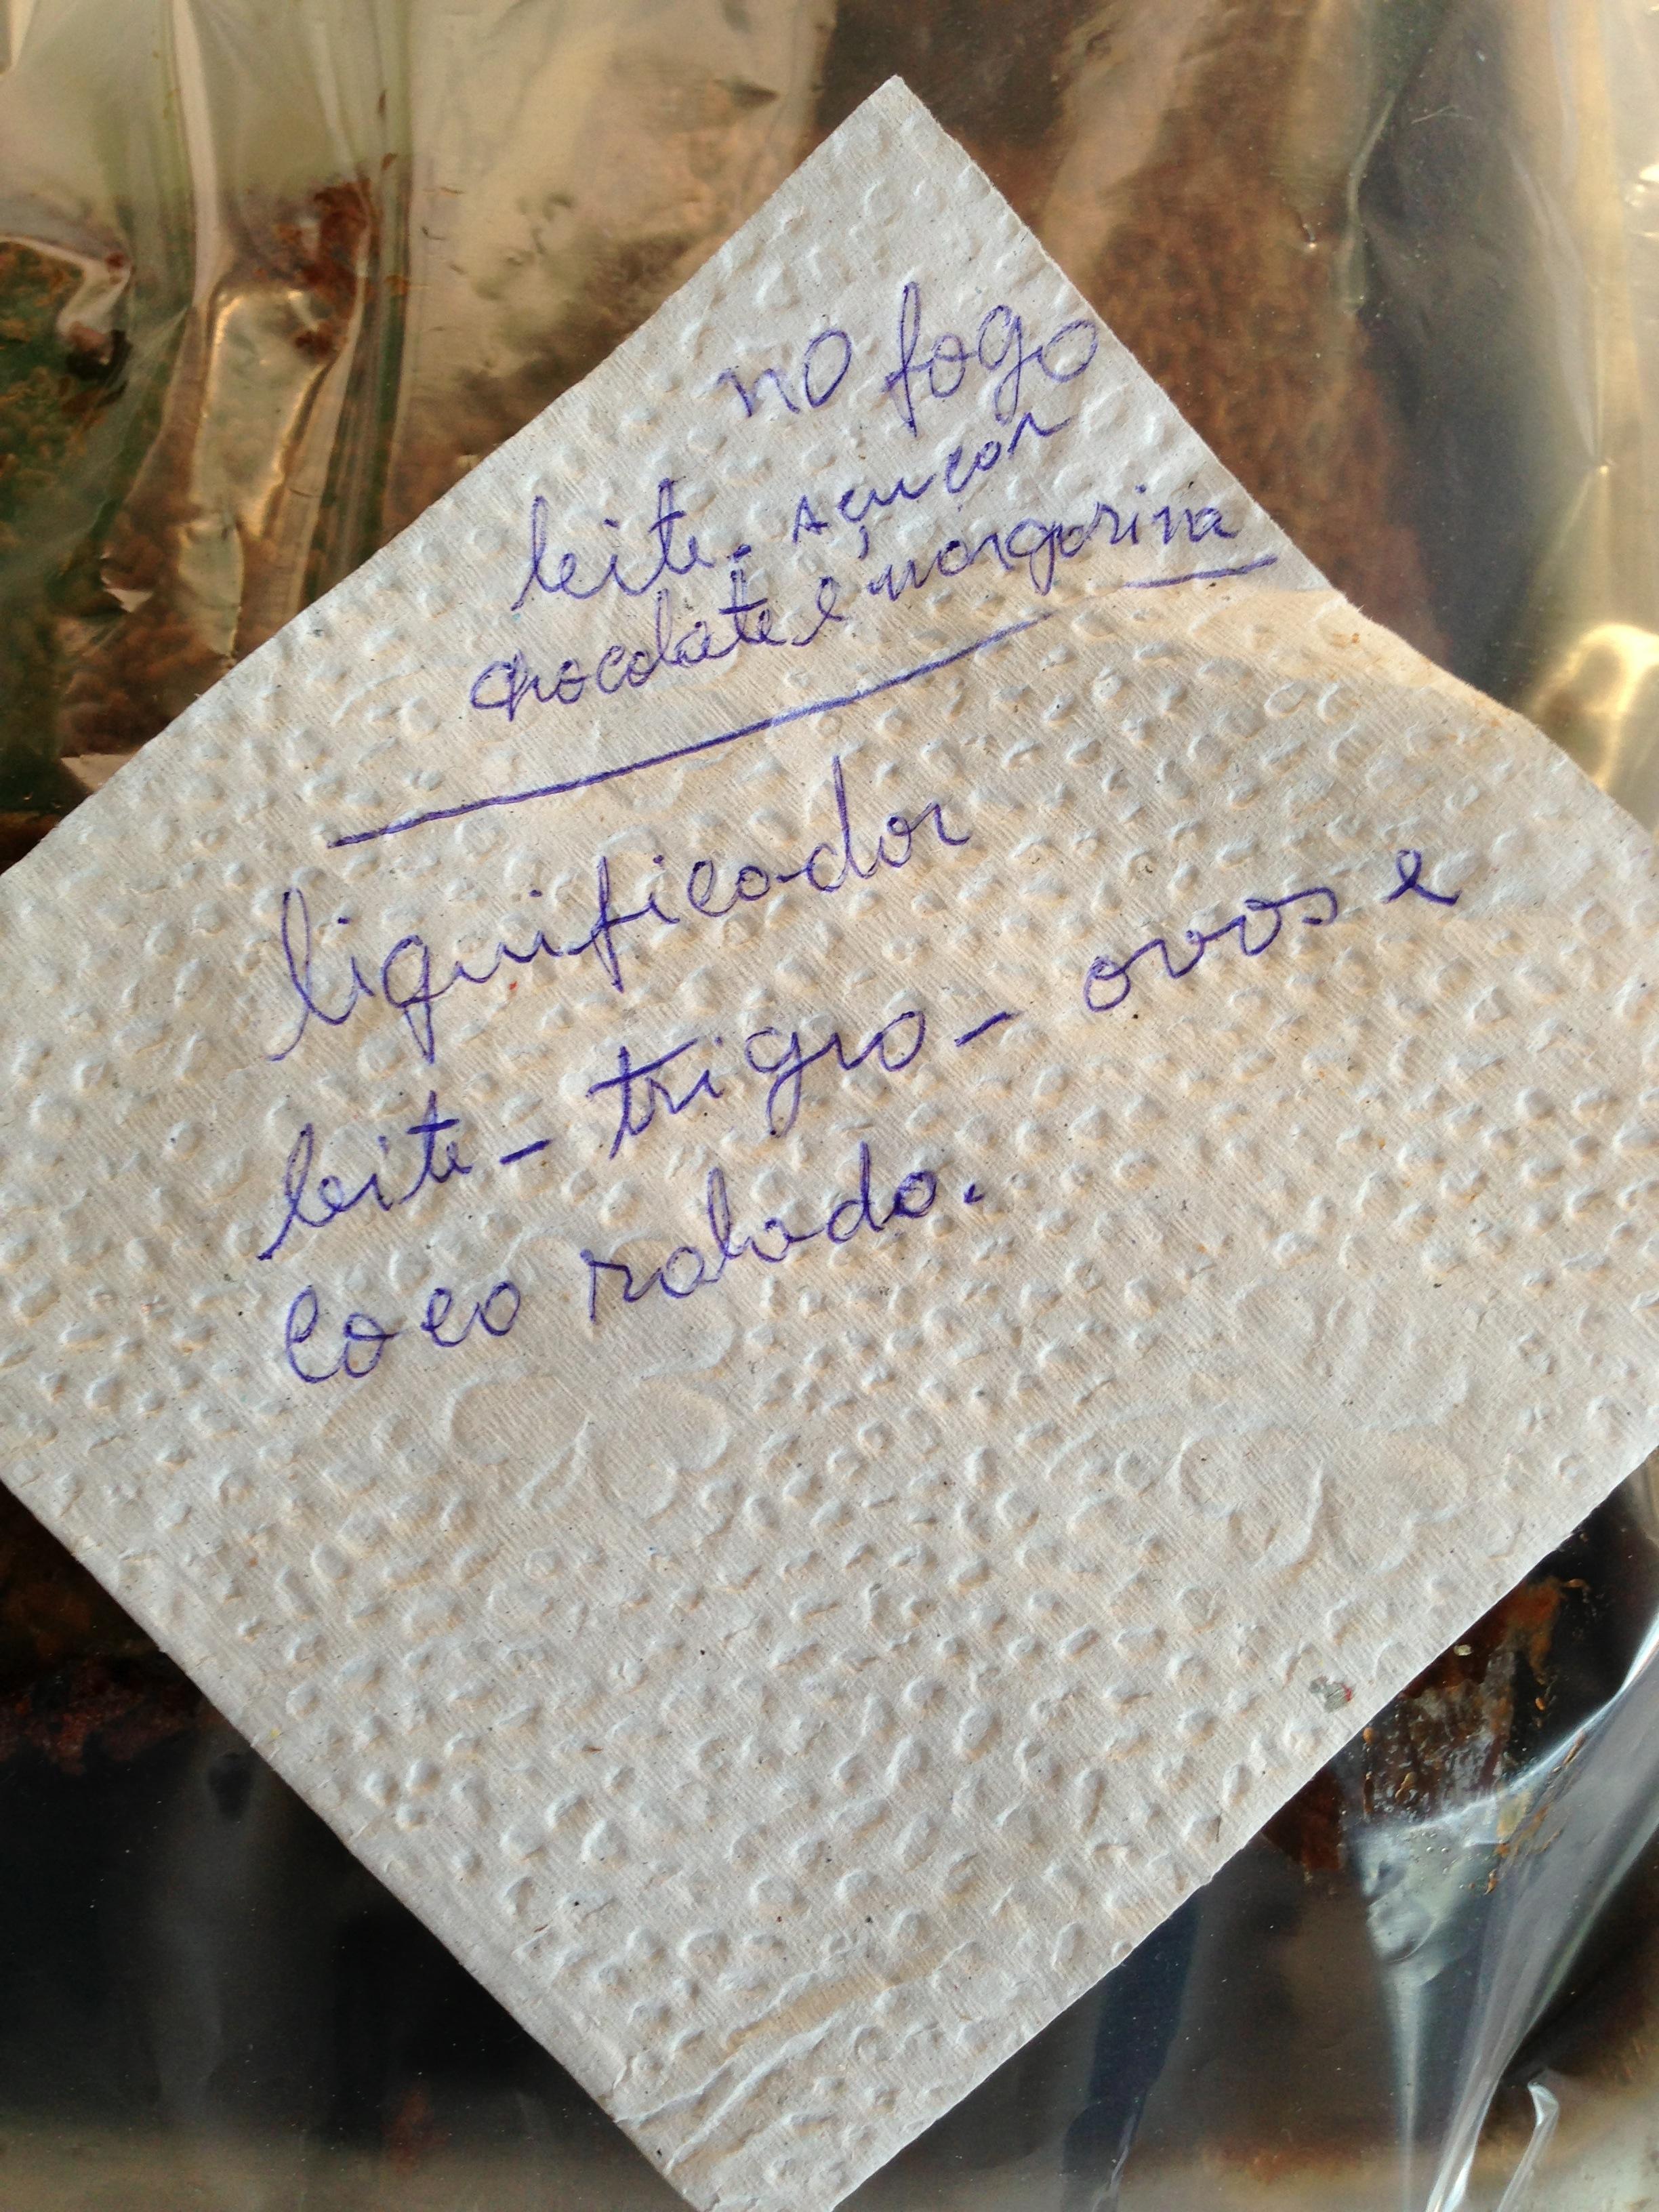 A receita do bolo de arroz. Onde está a receita? E as quantidades dos  ingredientes? E o ARROZ?